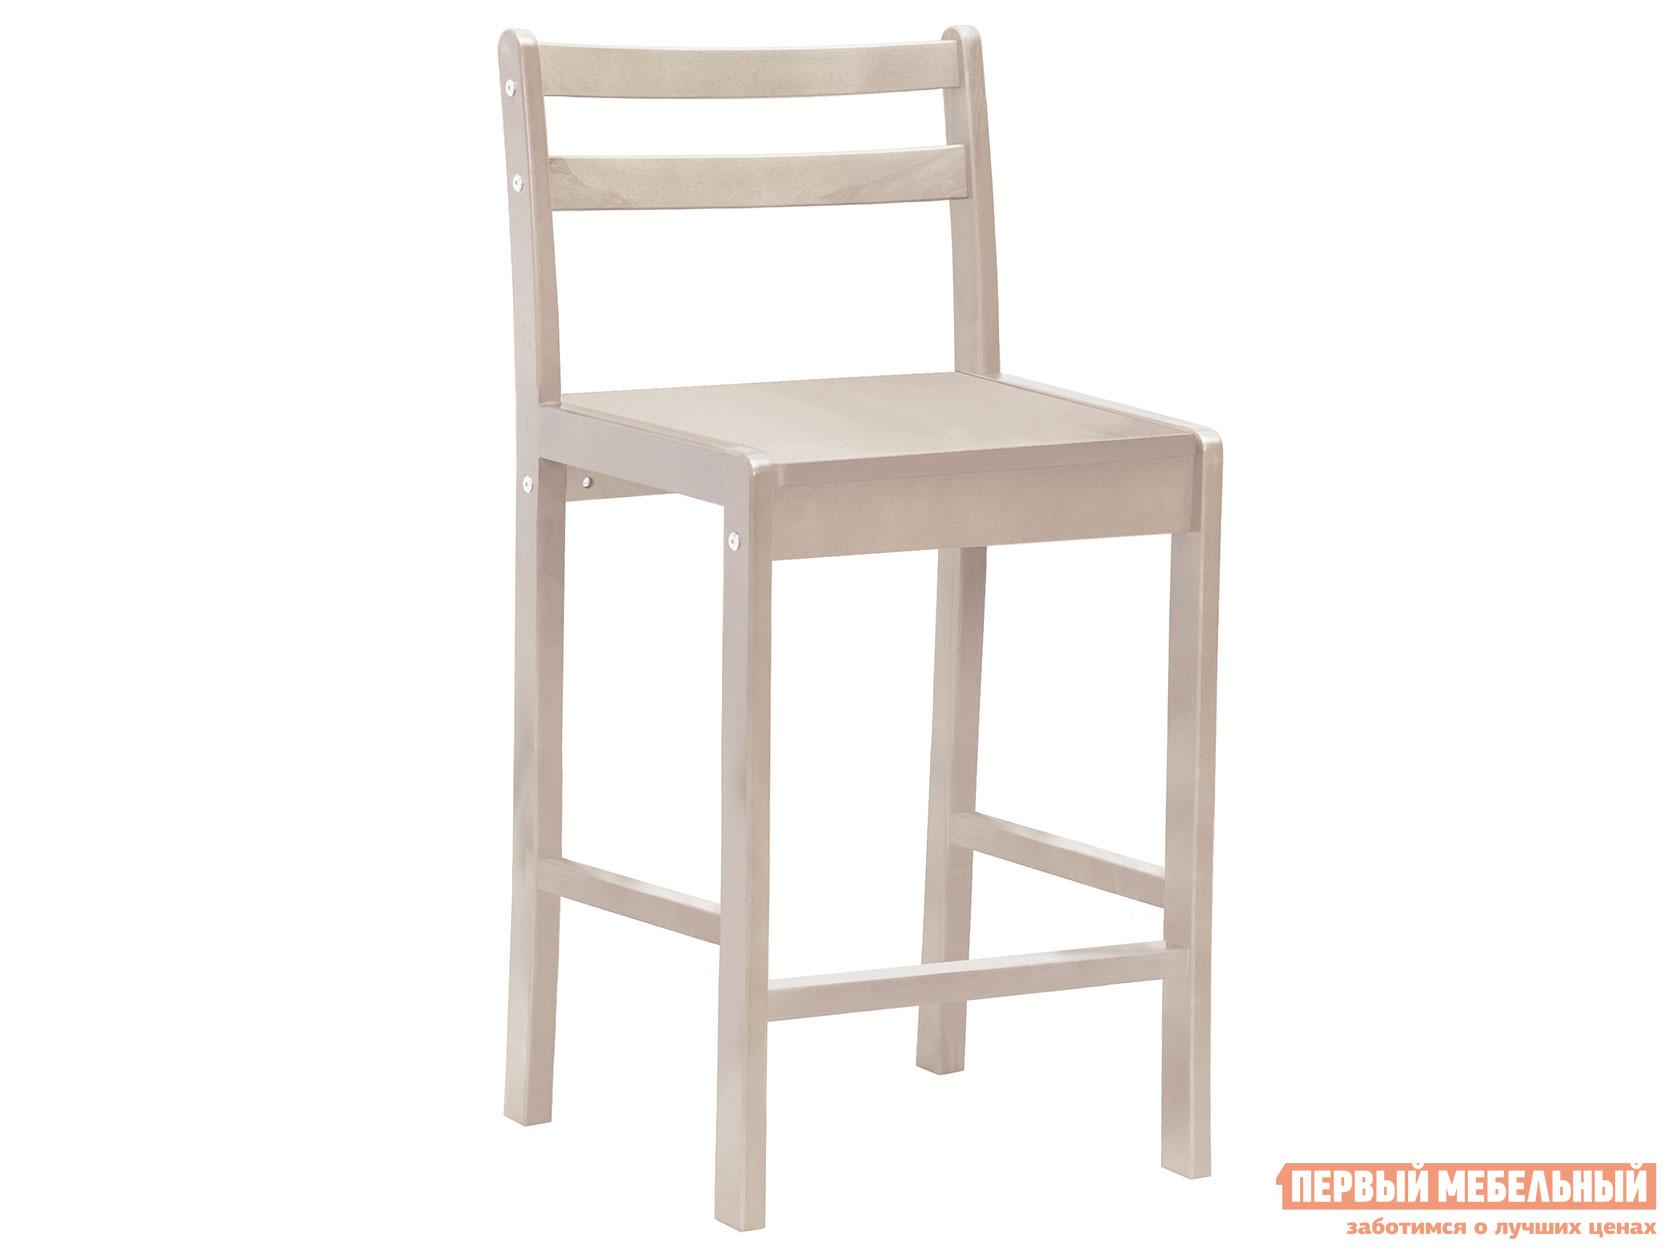 Барный стул  Стул Барный Выбеленная береза — Стул Барный Выбеленная береза